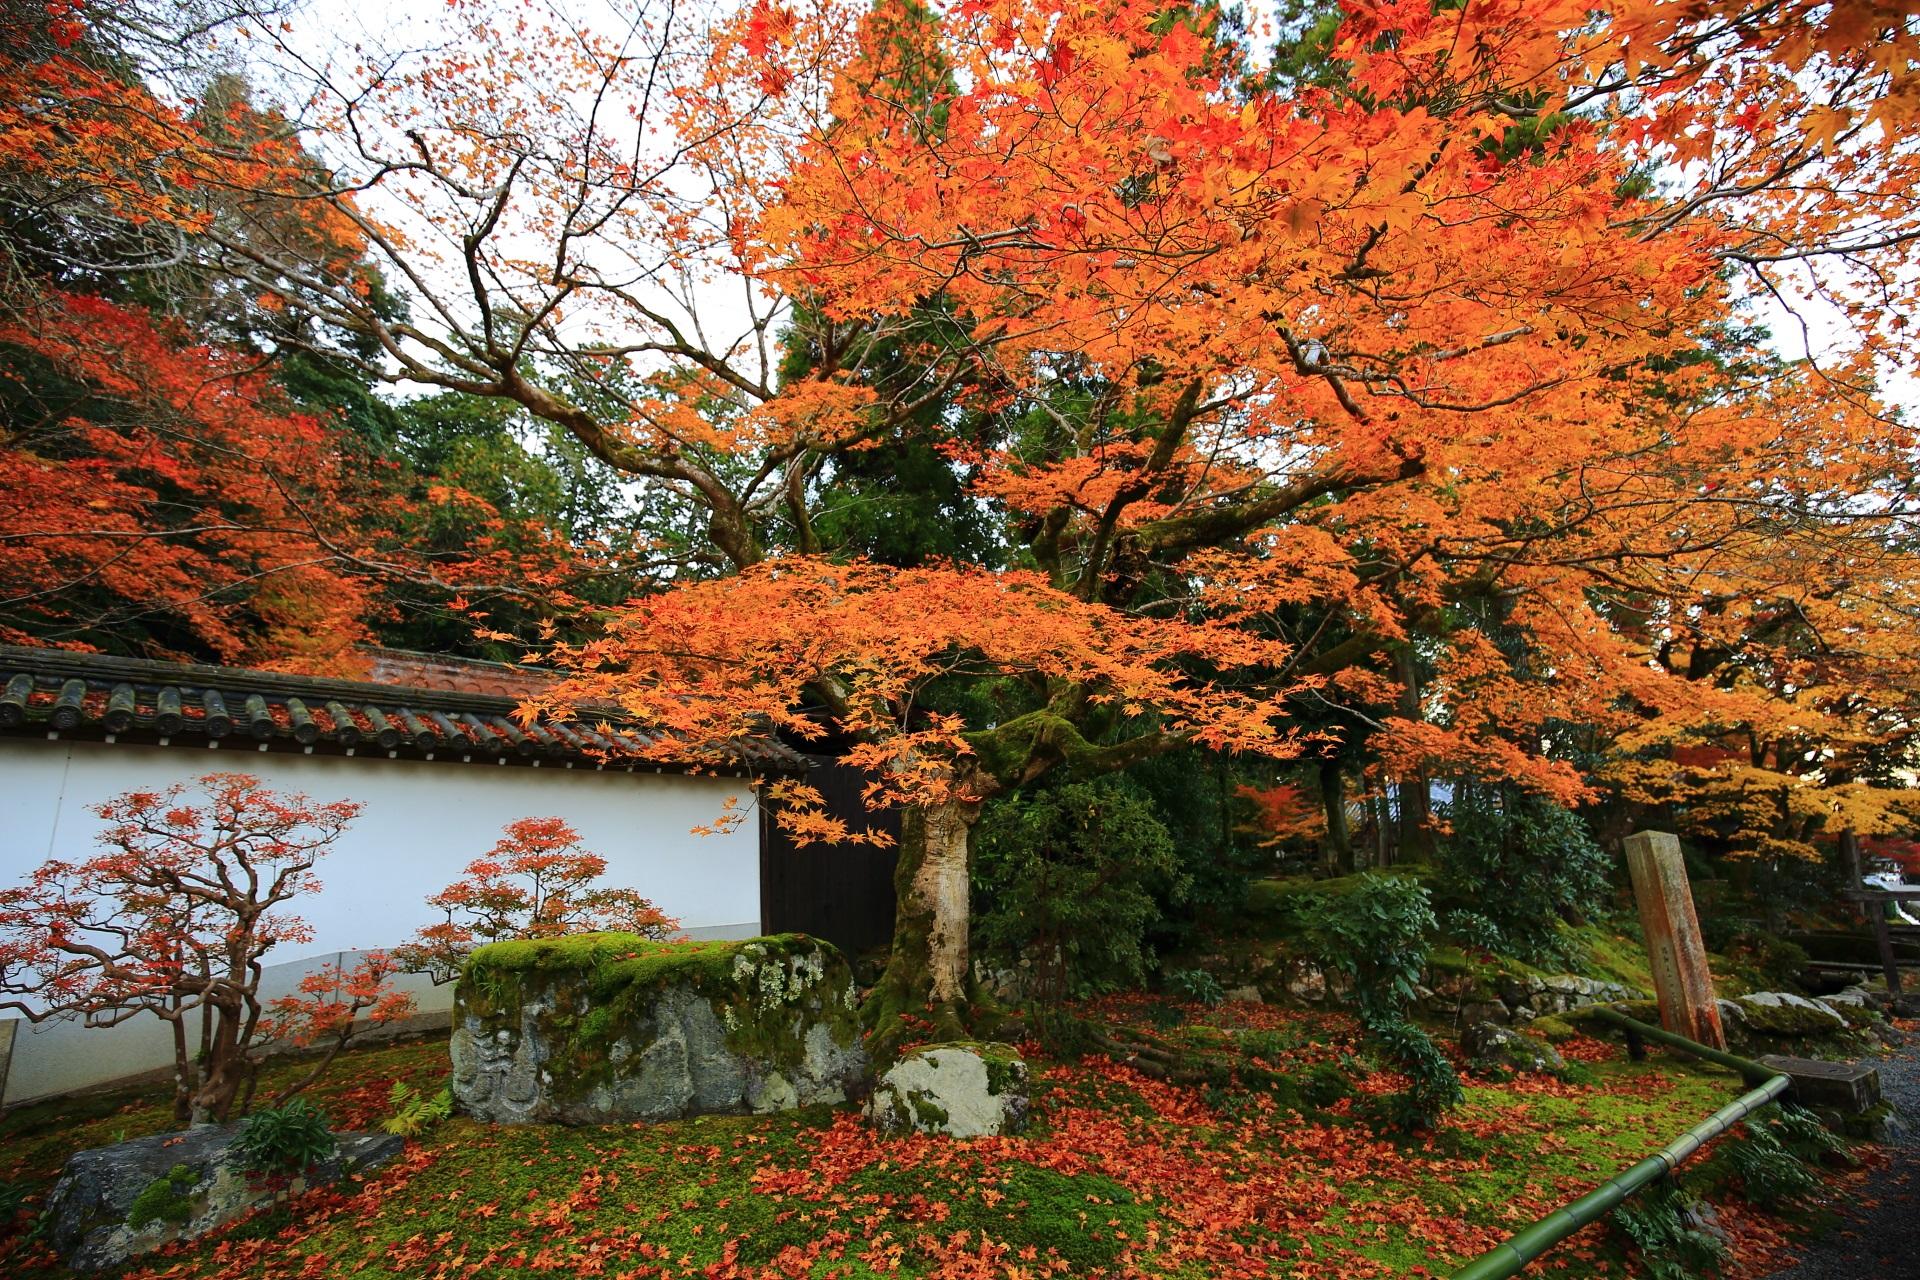 最勝院の境内の片隅で華やぐ立派な紅葉